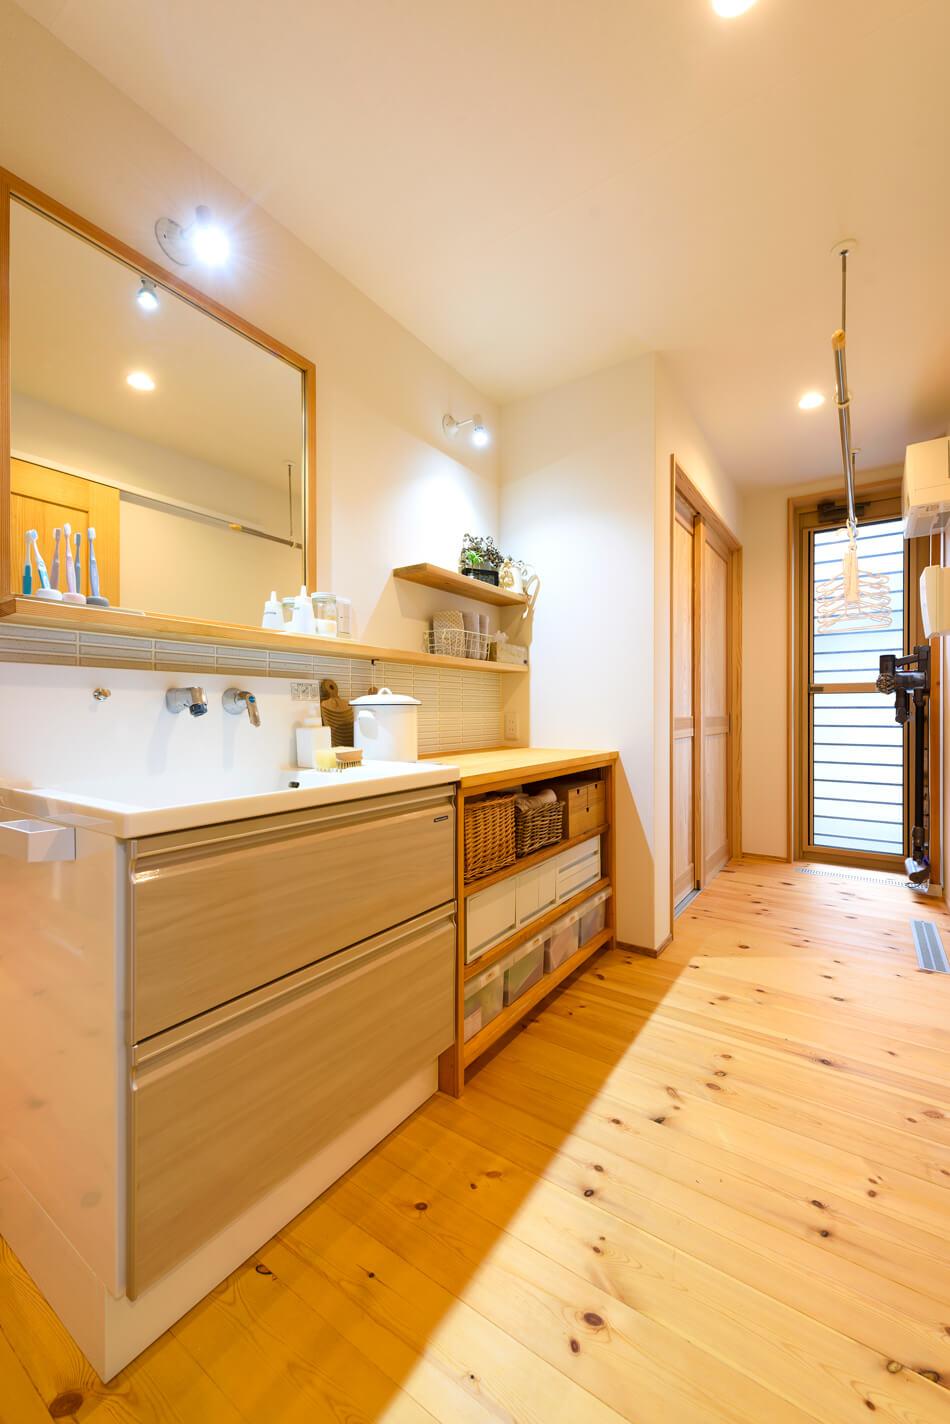 木の家|福岡の新築建築事例|2階建|2LDK|洗面台|エコワークス|CASE-21|内観04